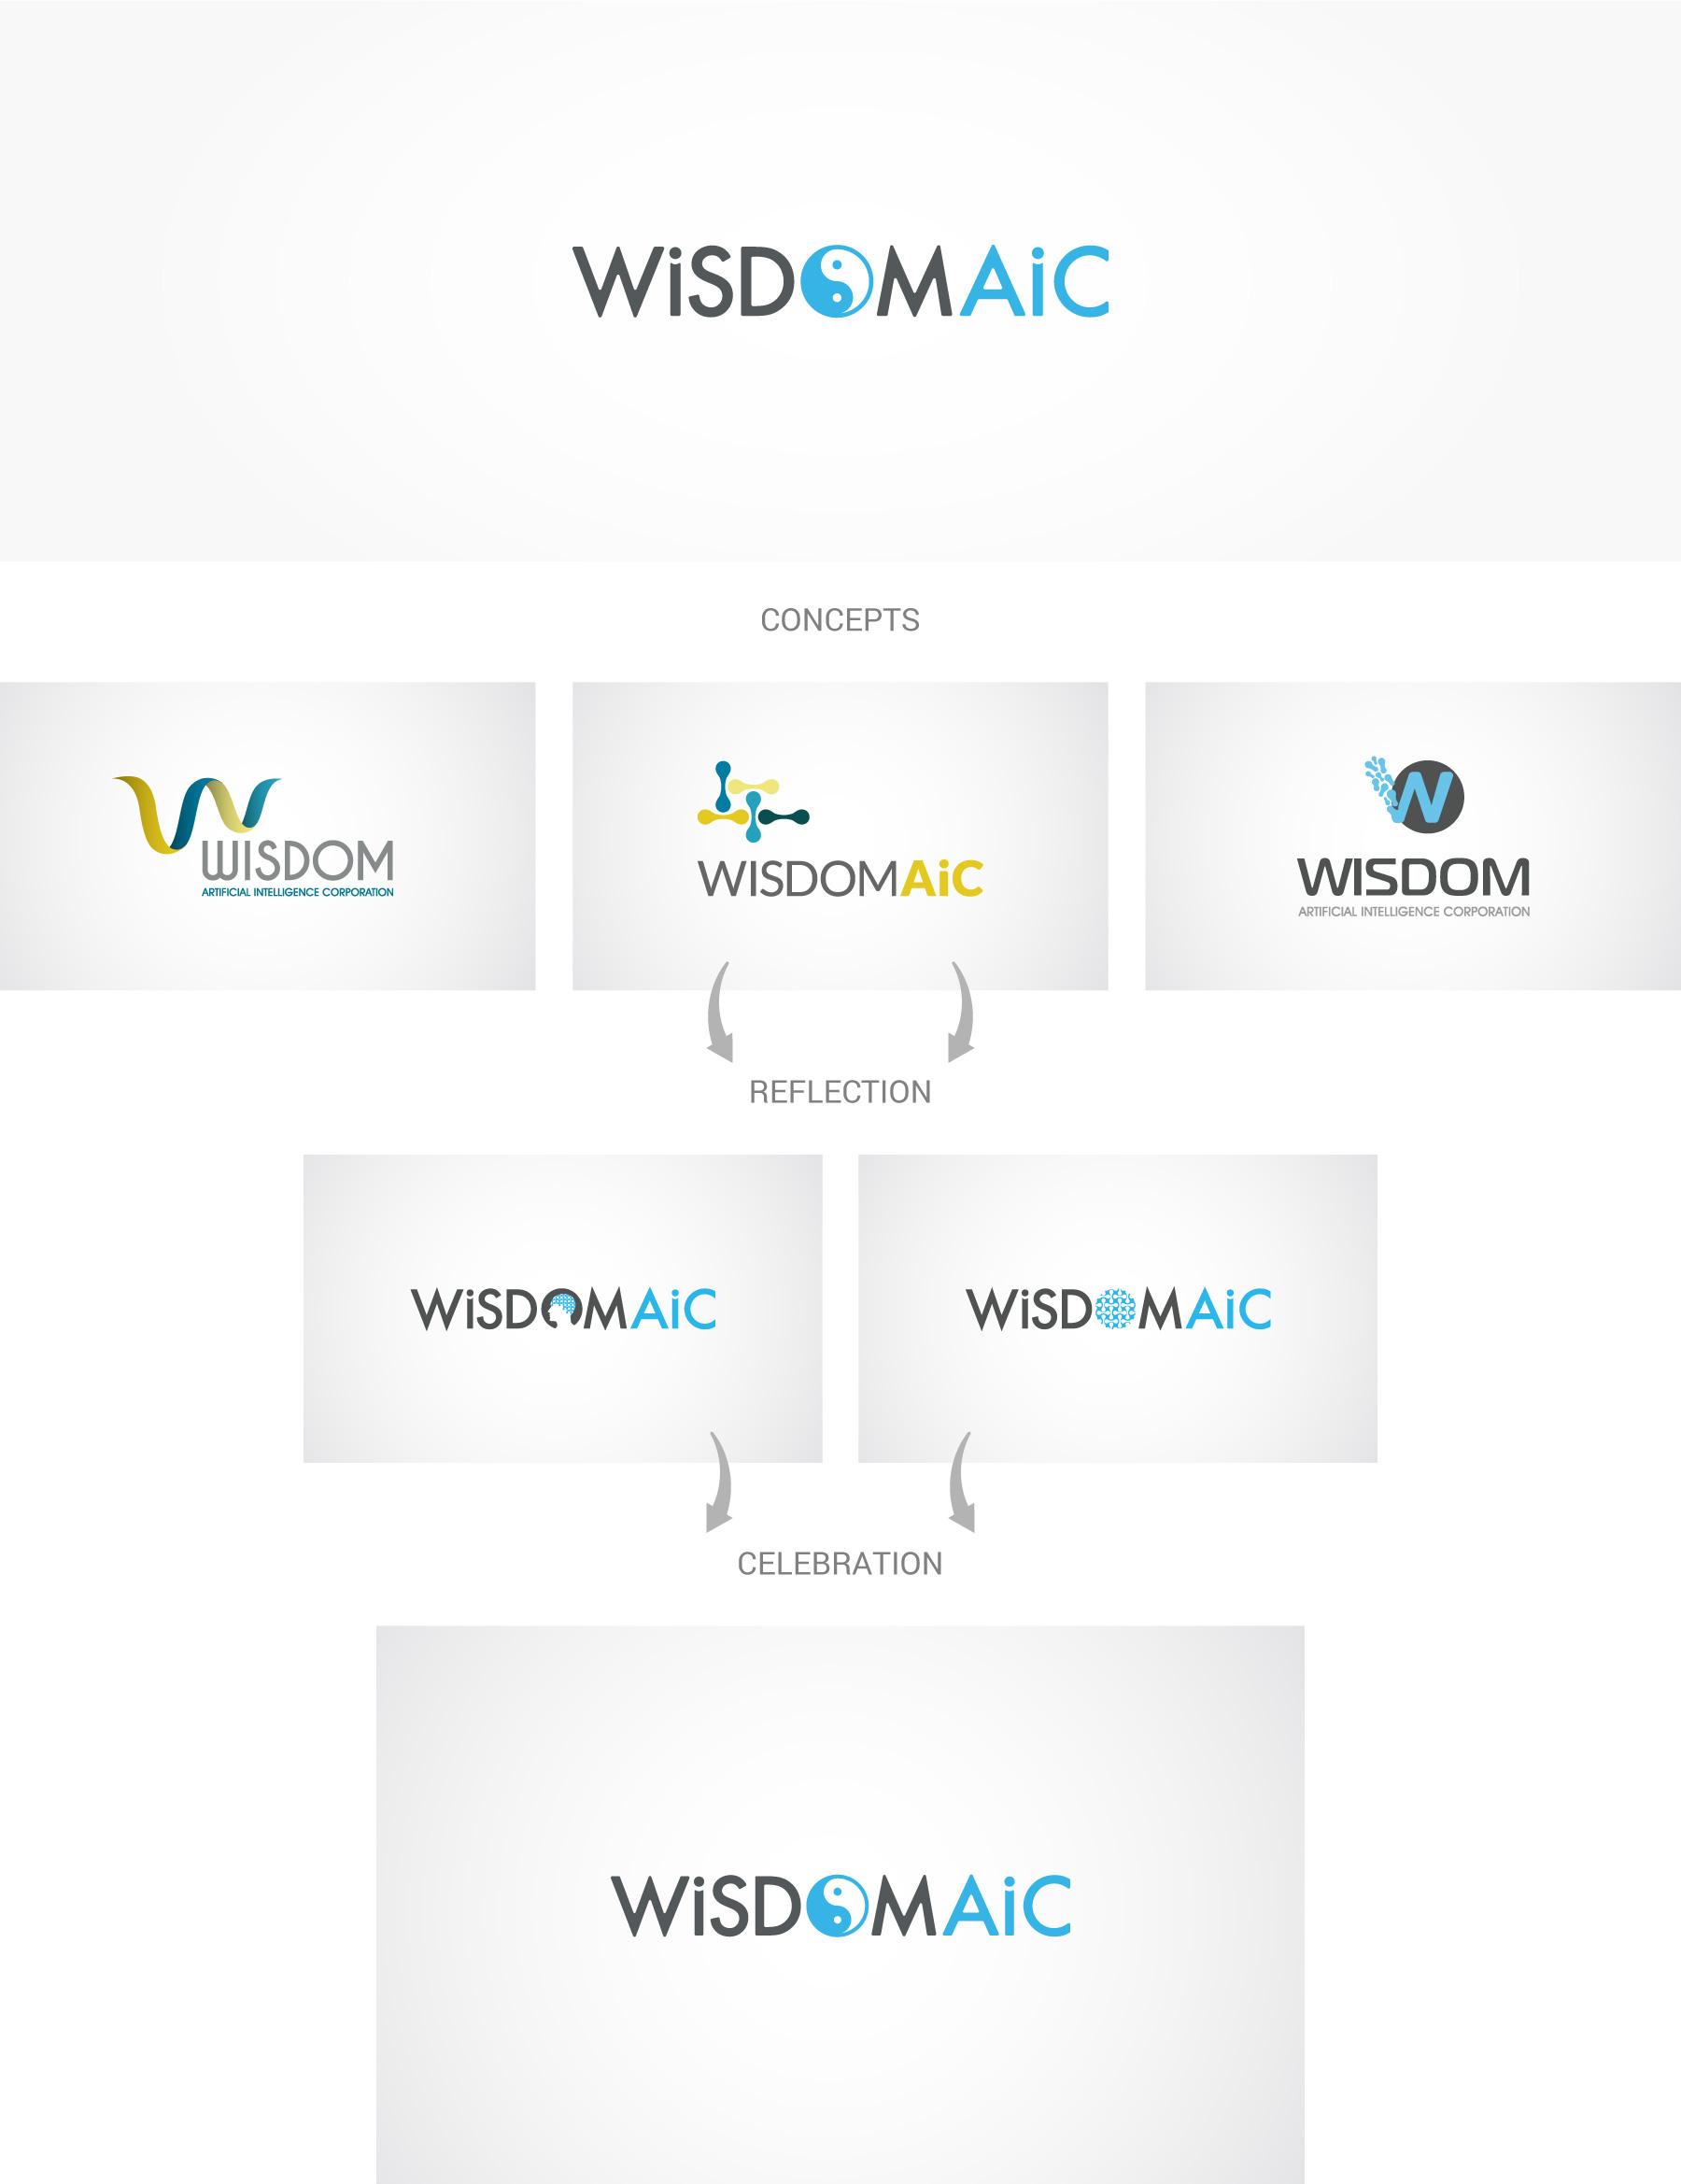 Wisdom-aic-logo-design